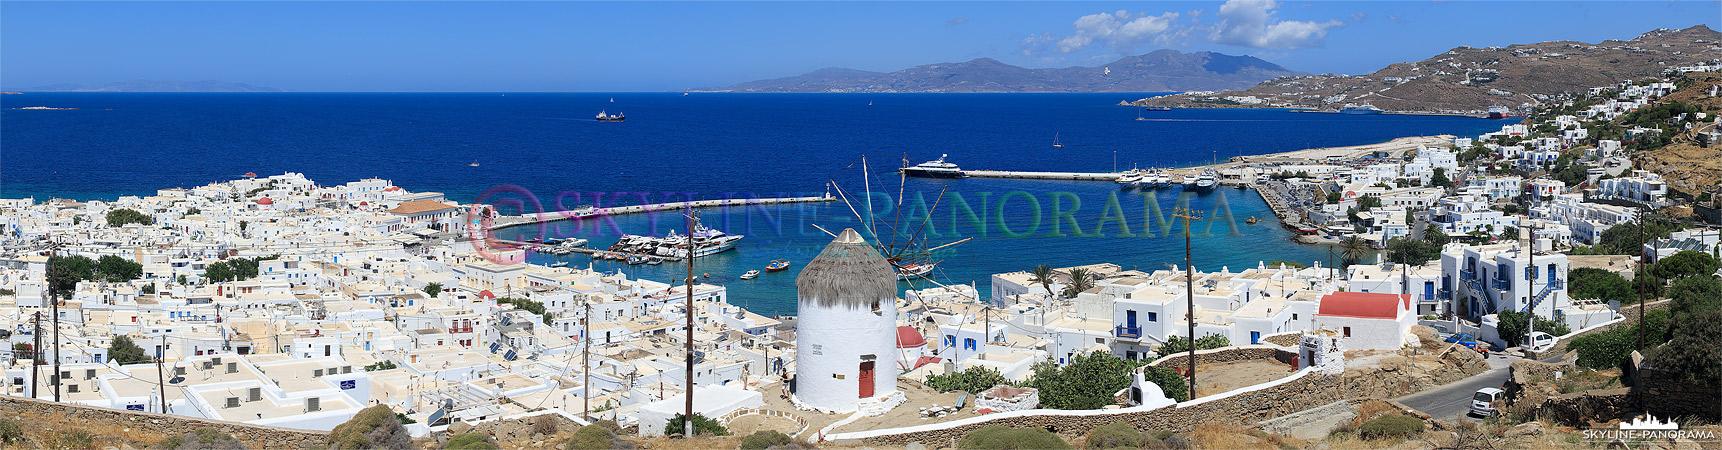 Panorama von dem oberhalb der Chora, auf dem Weg nach Ano Mera, gelegenen Aussichtspunkt auf die Windmühle Ano Myli und den Alten Hafen von Mykonos Stadt.